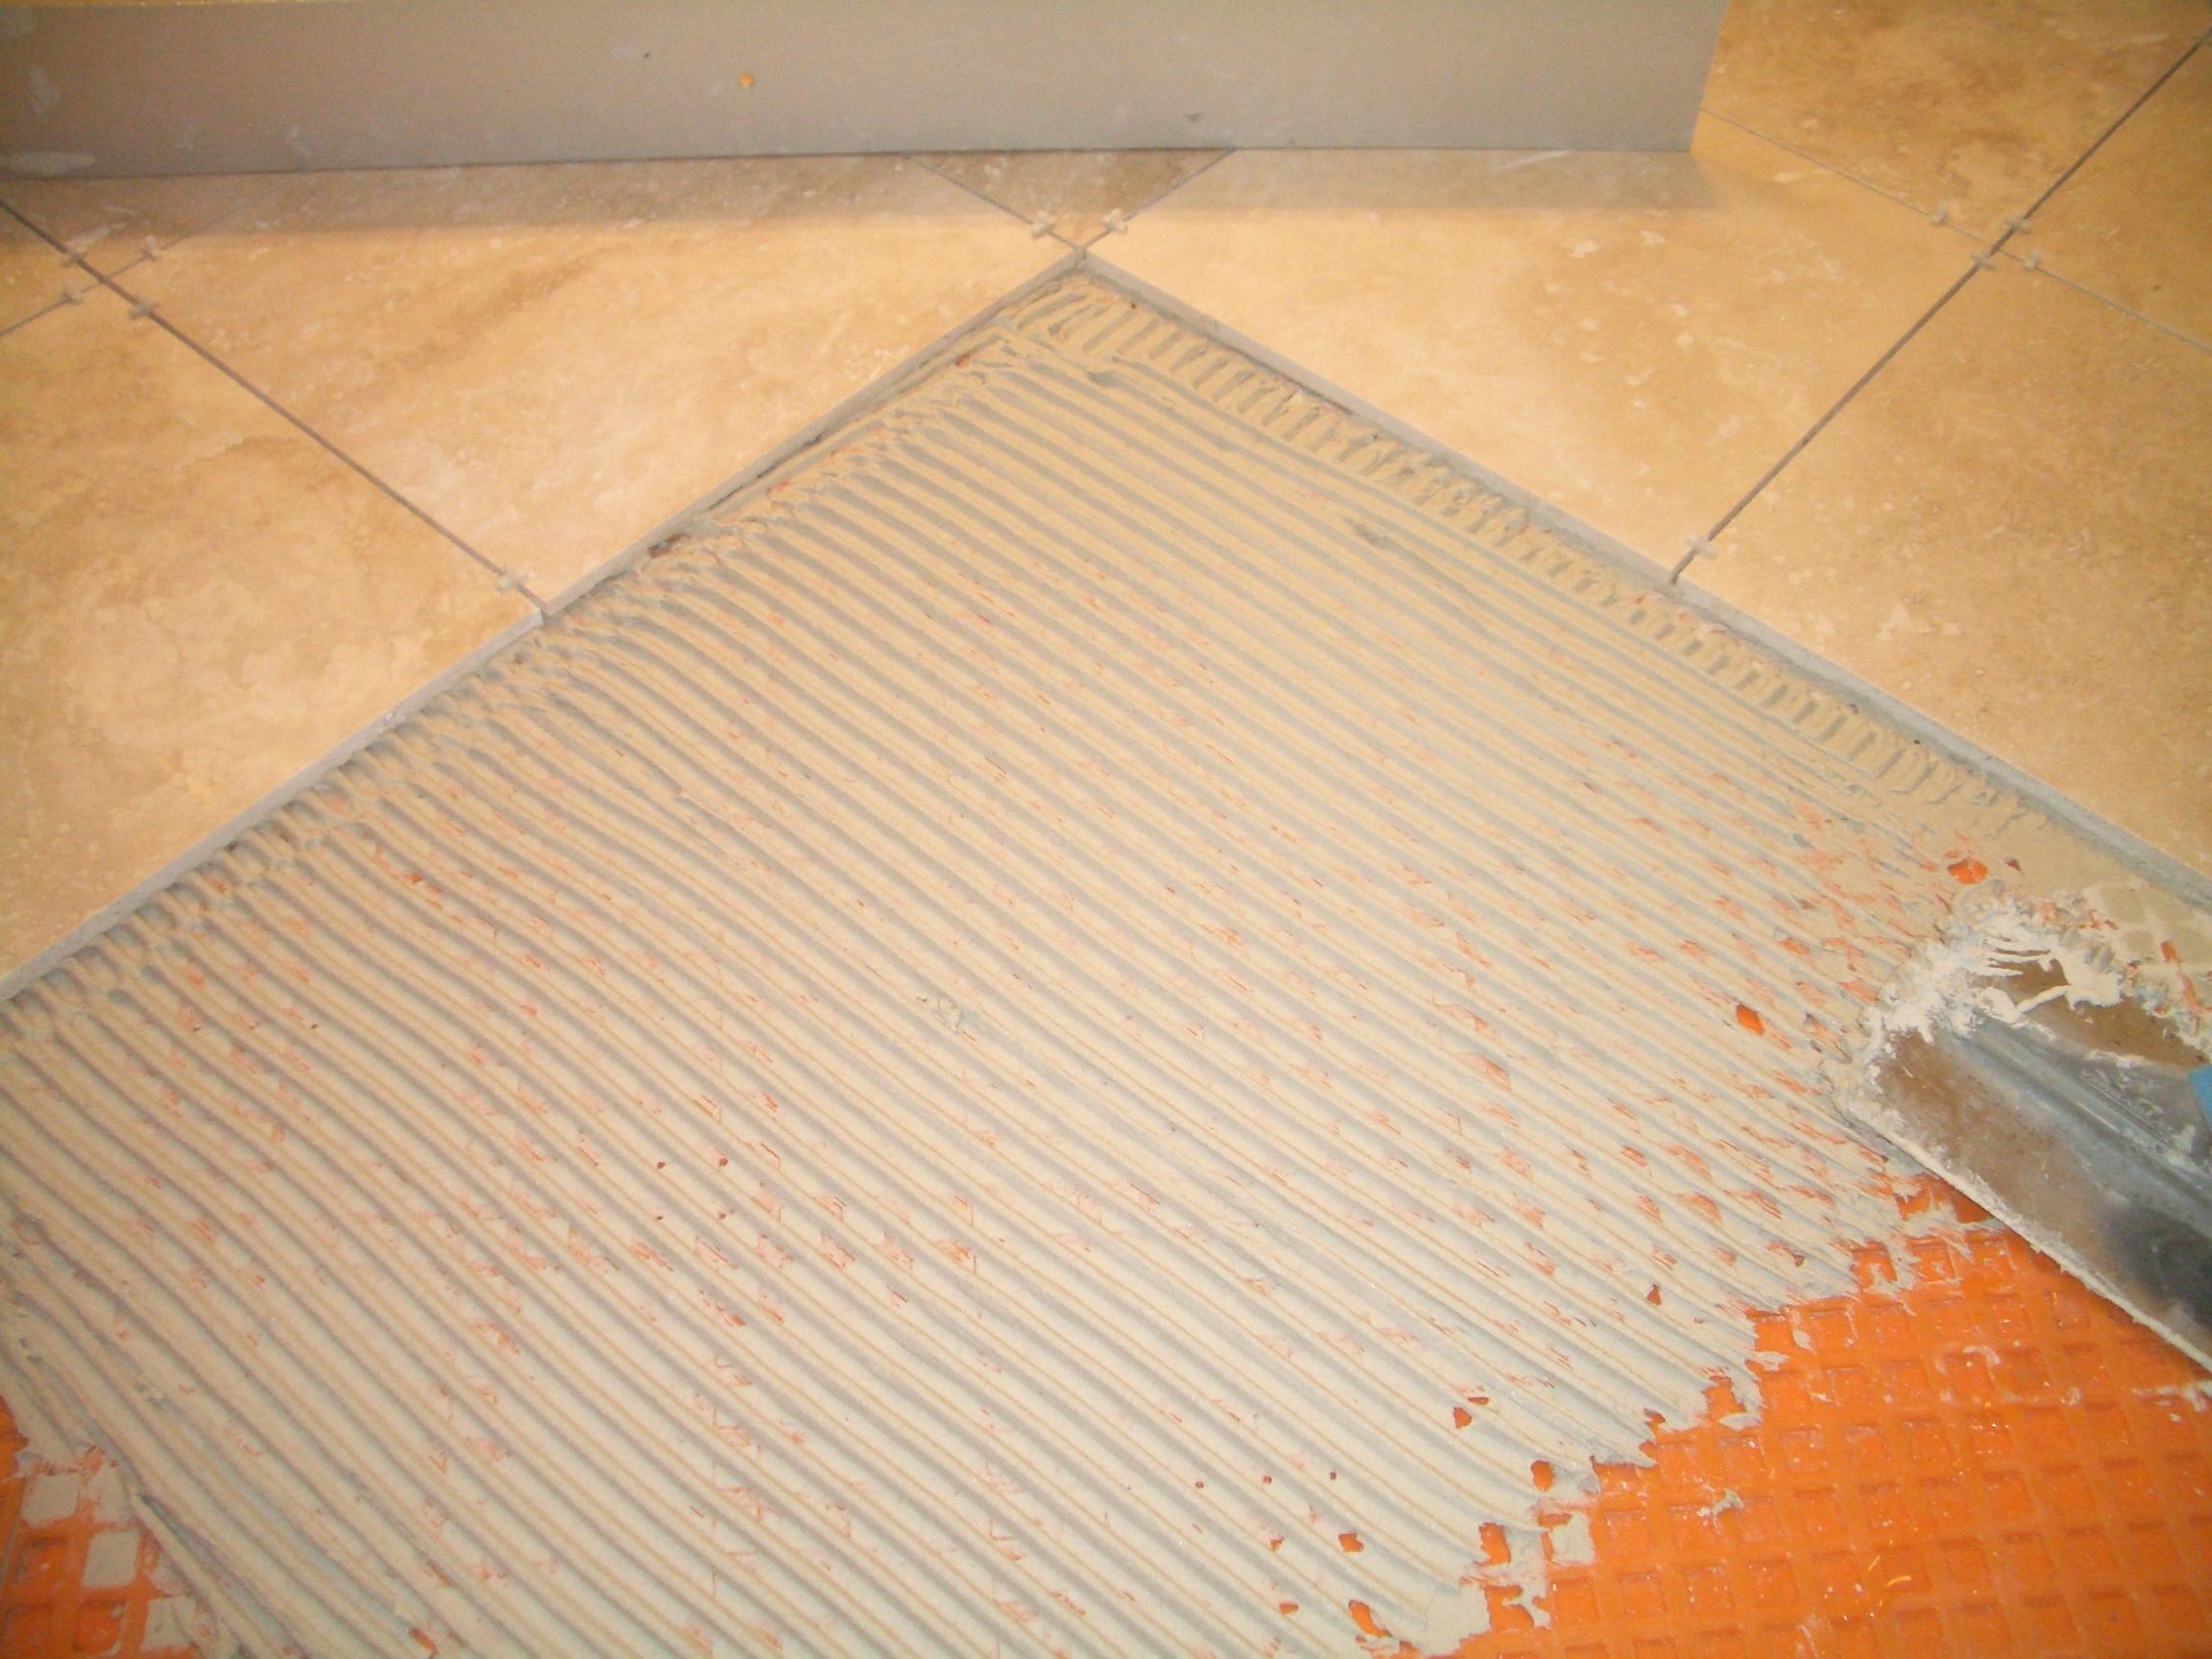 ProvaFlex Vs Ditra - Thin backer board for floor tile